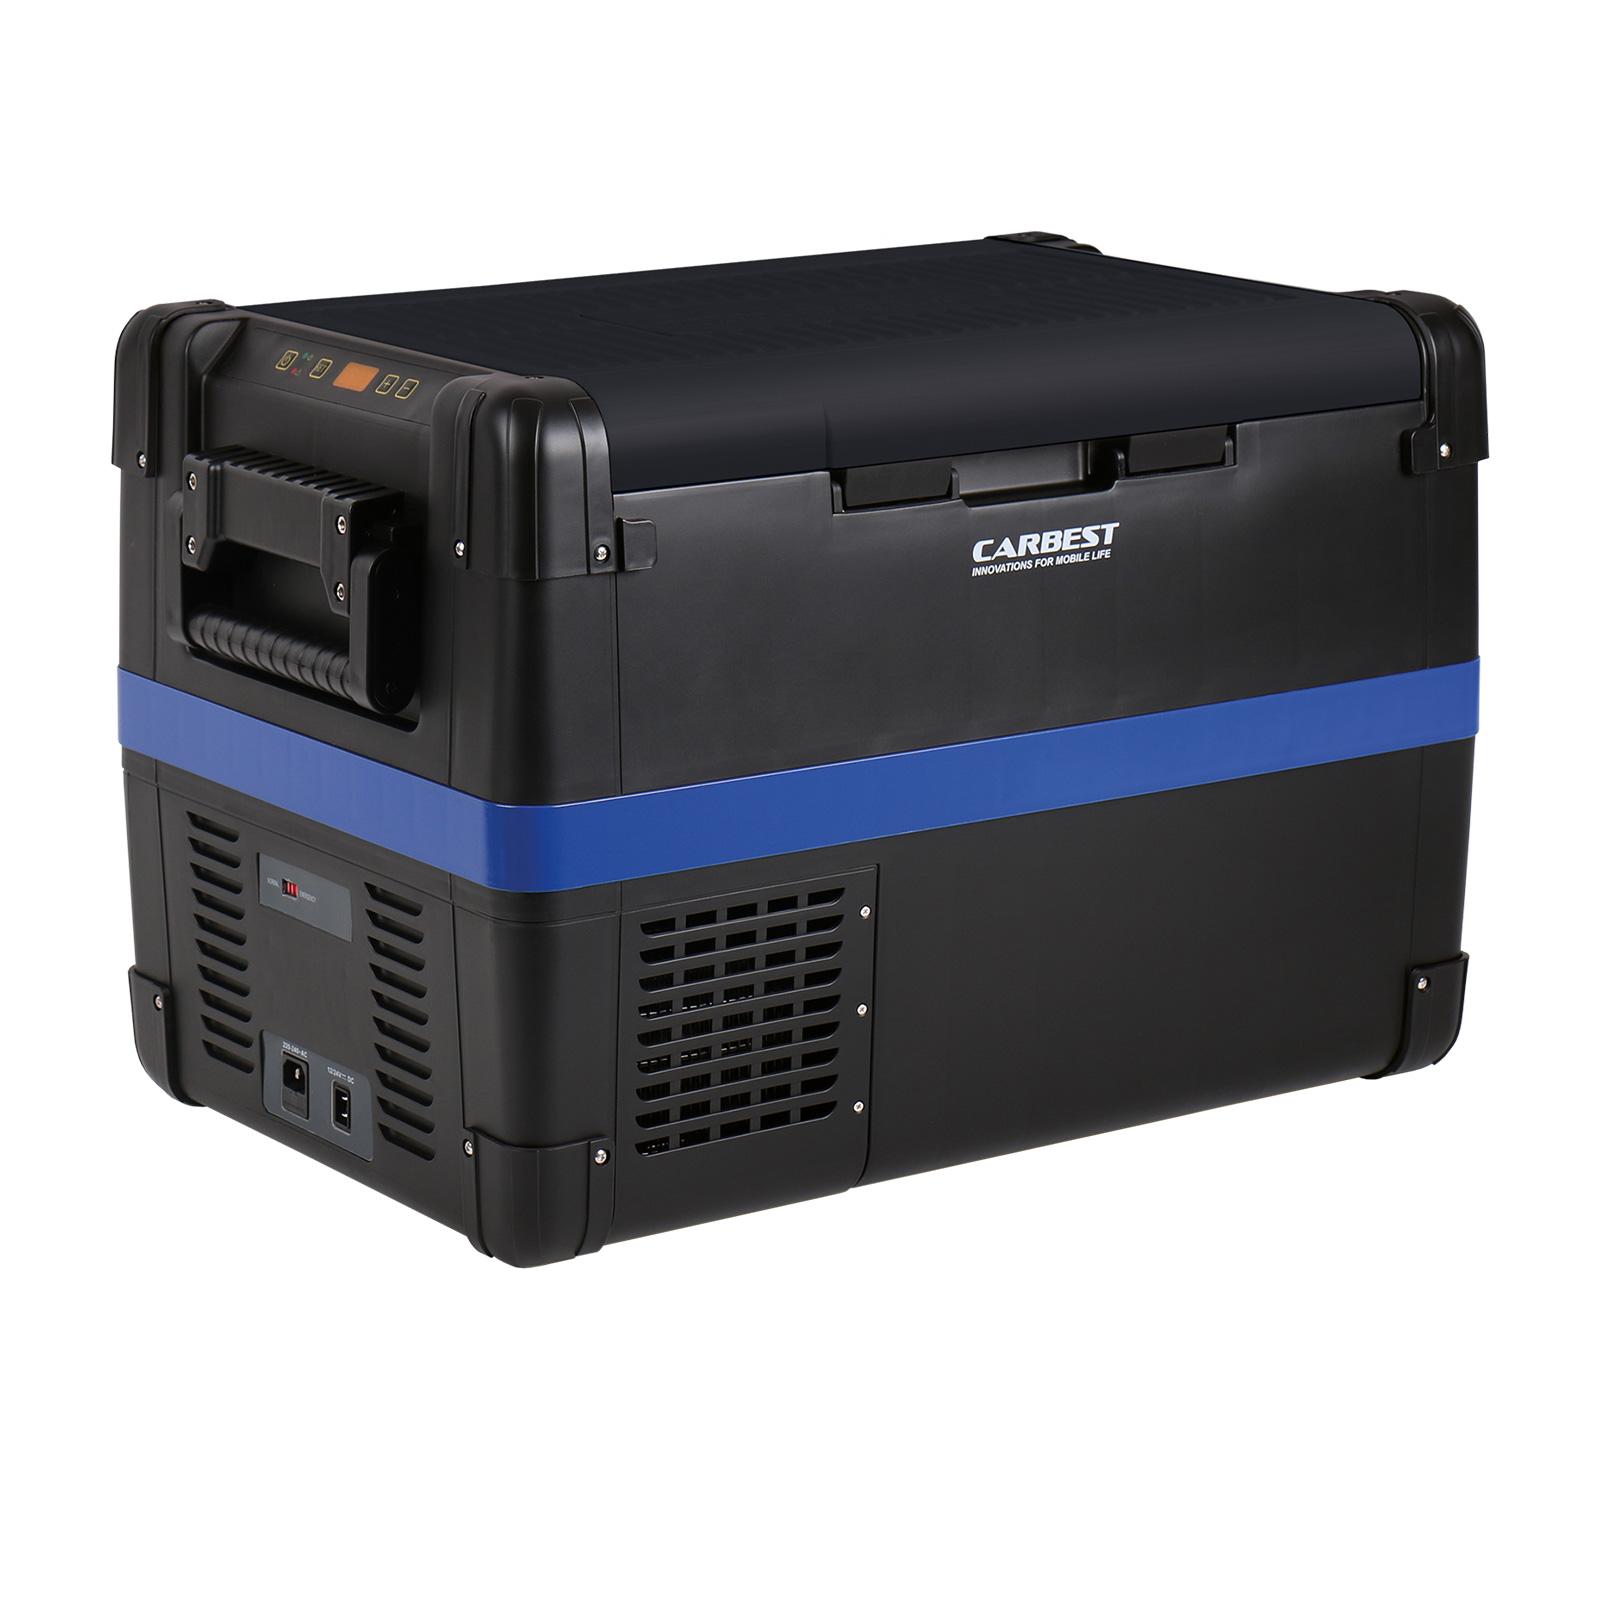 Carbest Kompressor-Kühlbox 60 Liter, 12V/24V/230V, Carbest MaxiFreezer 60